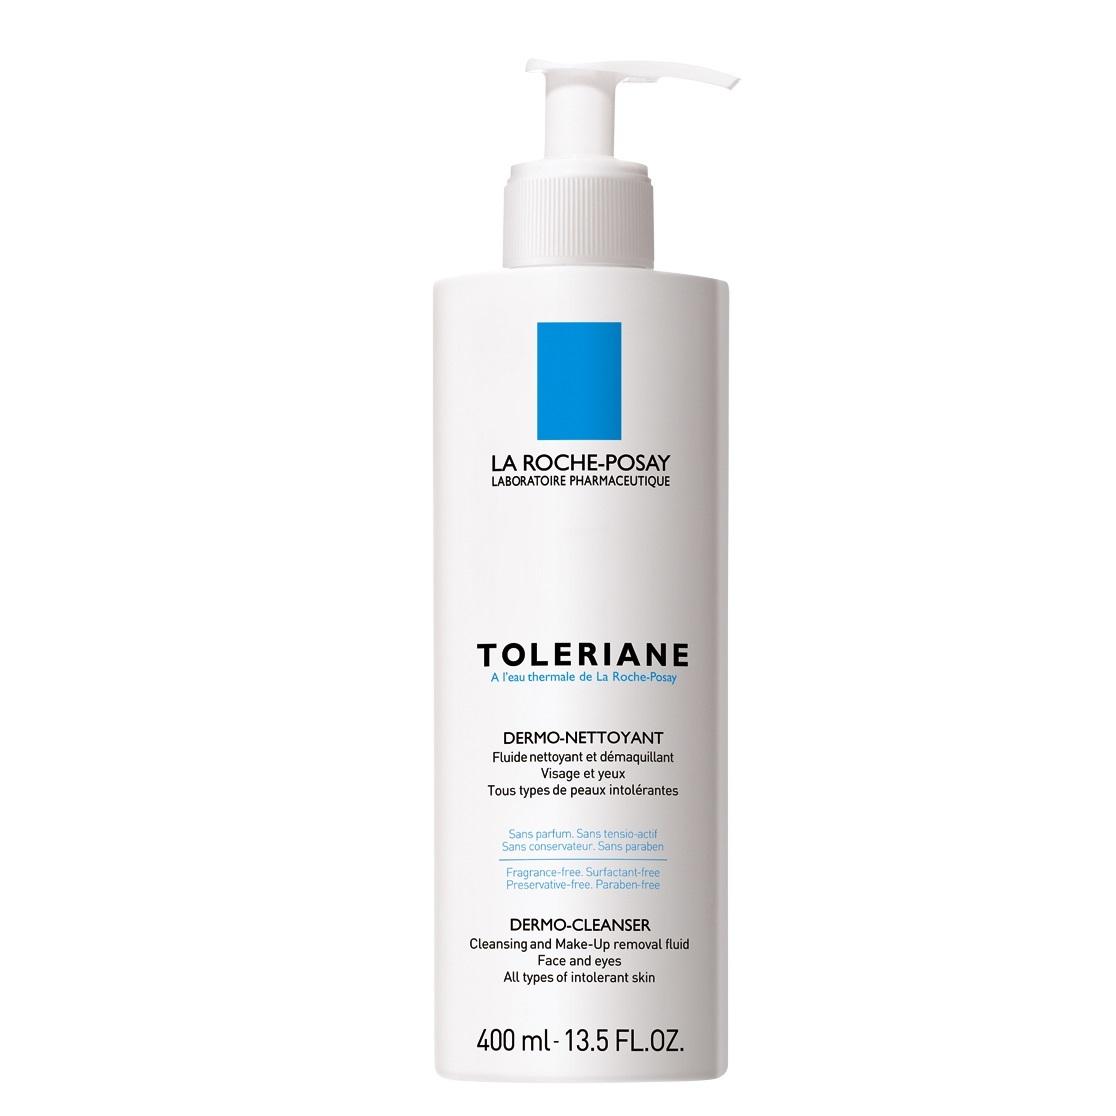 LA ROCHE POSAY Toleriane Dermo-Nettoyant - 400ml